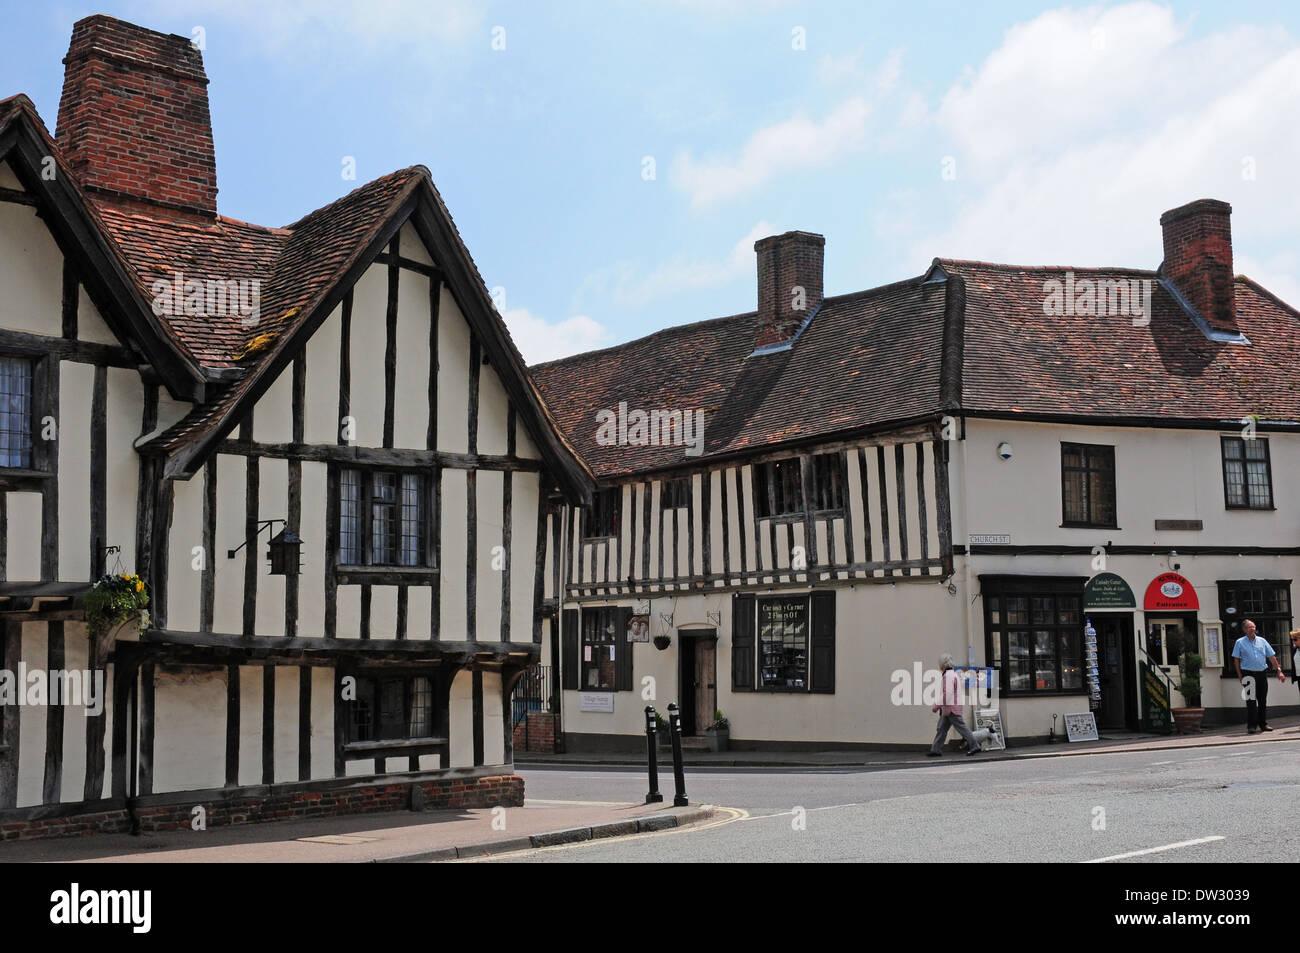 Timberframed houses in Church Street, Lavenham. - Stock Image